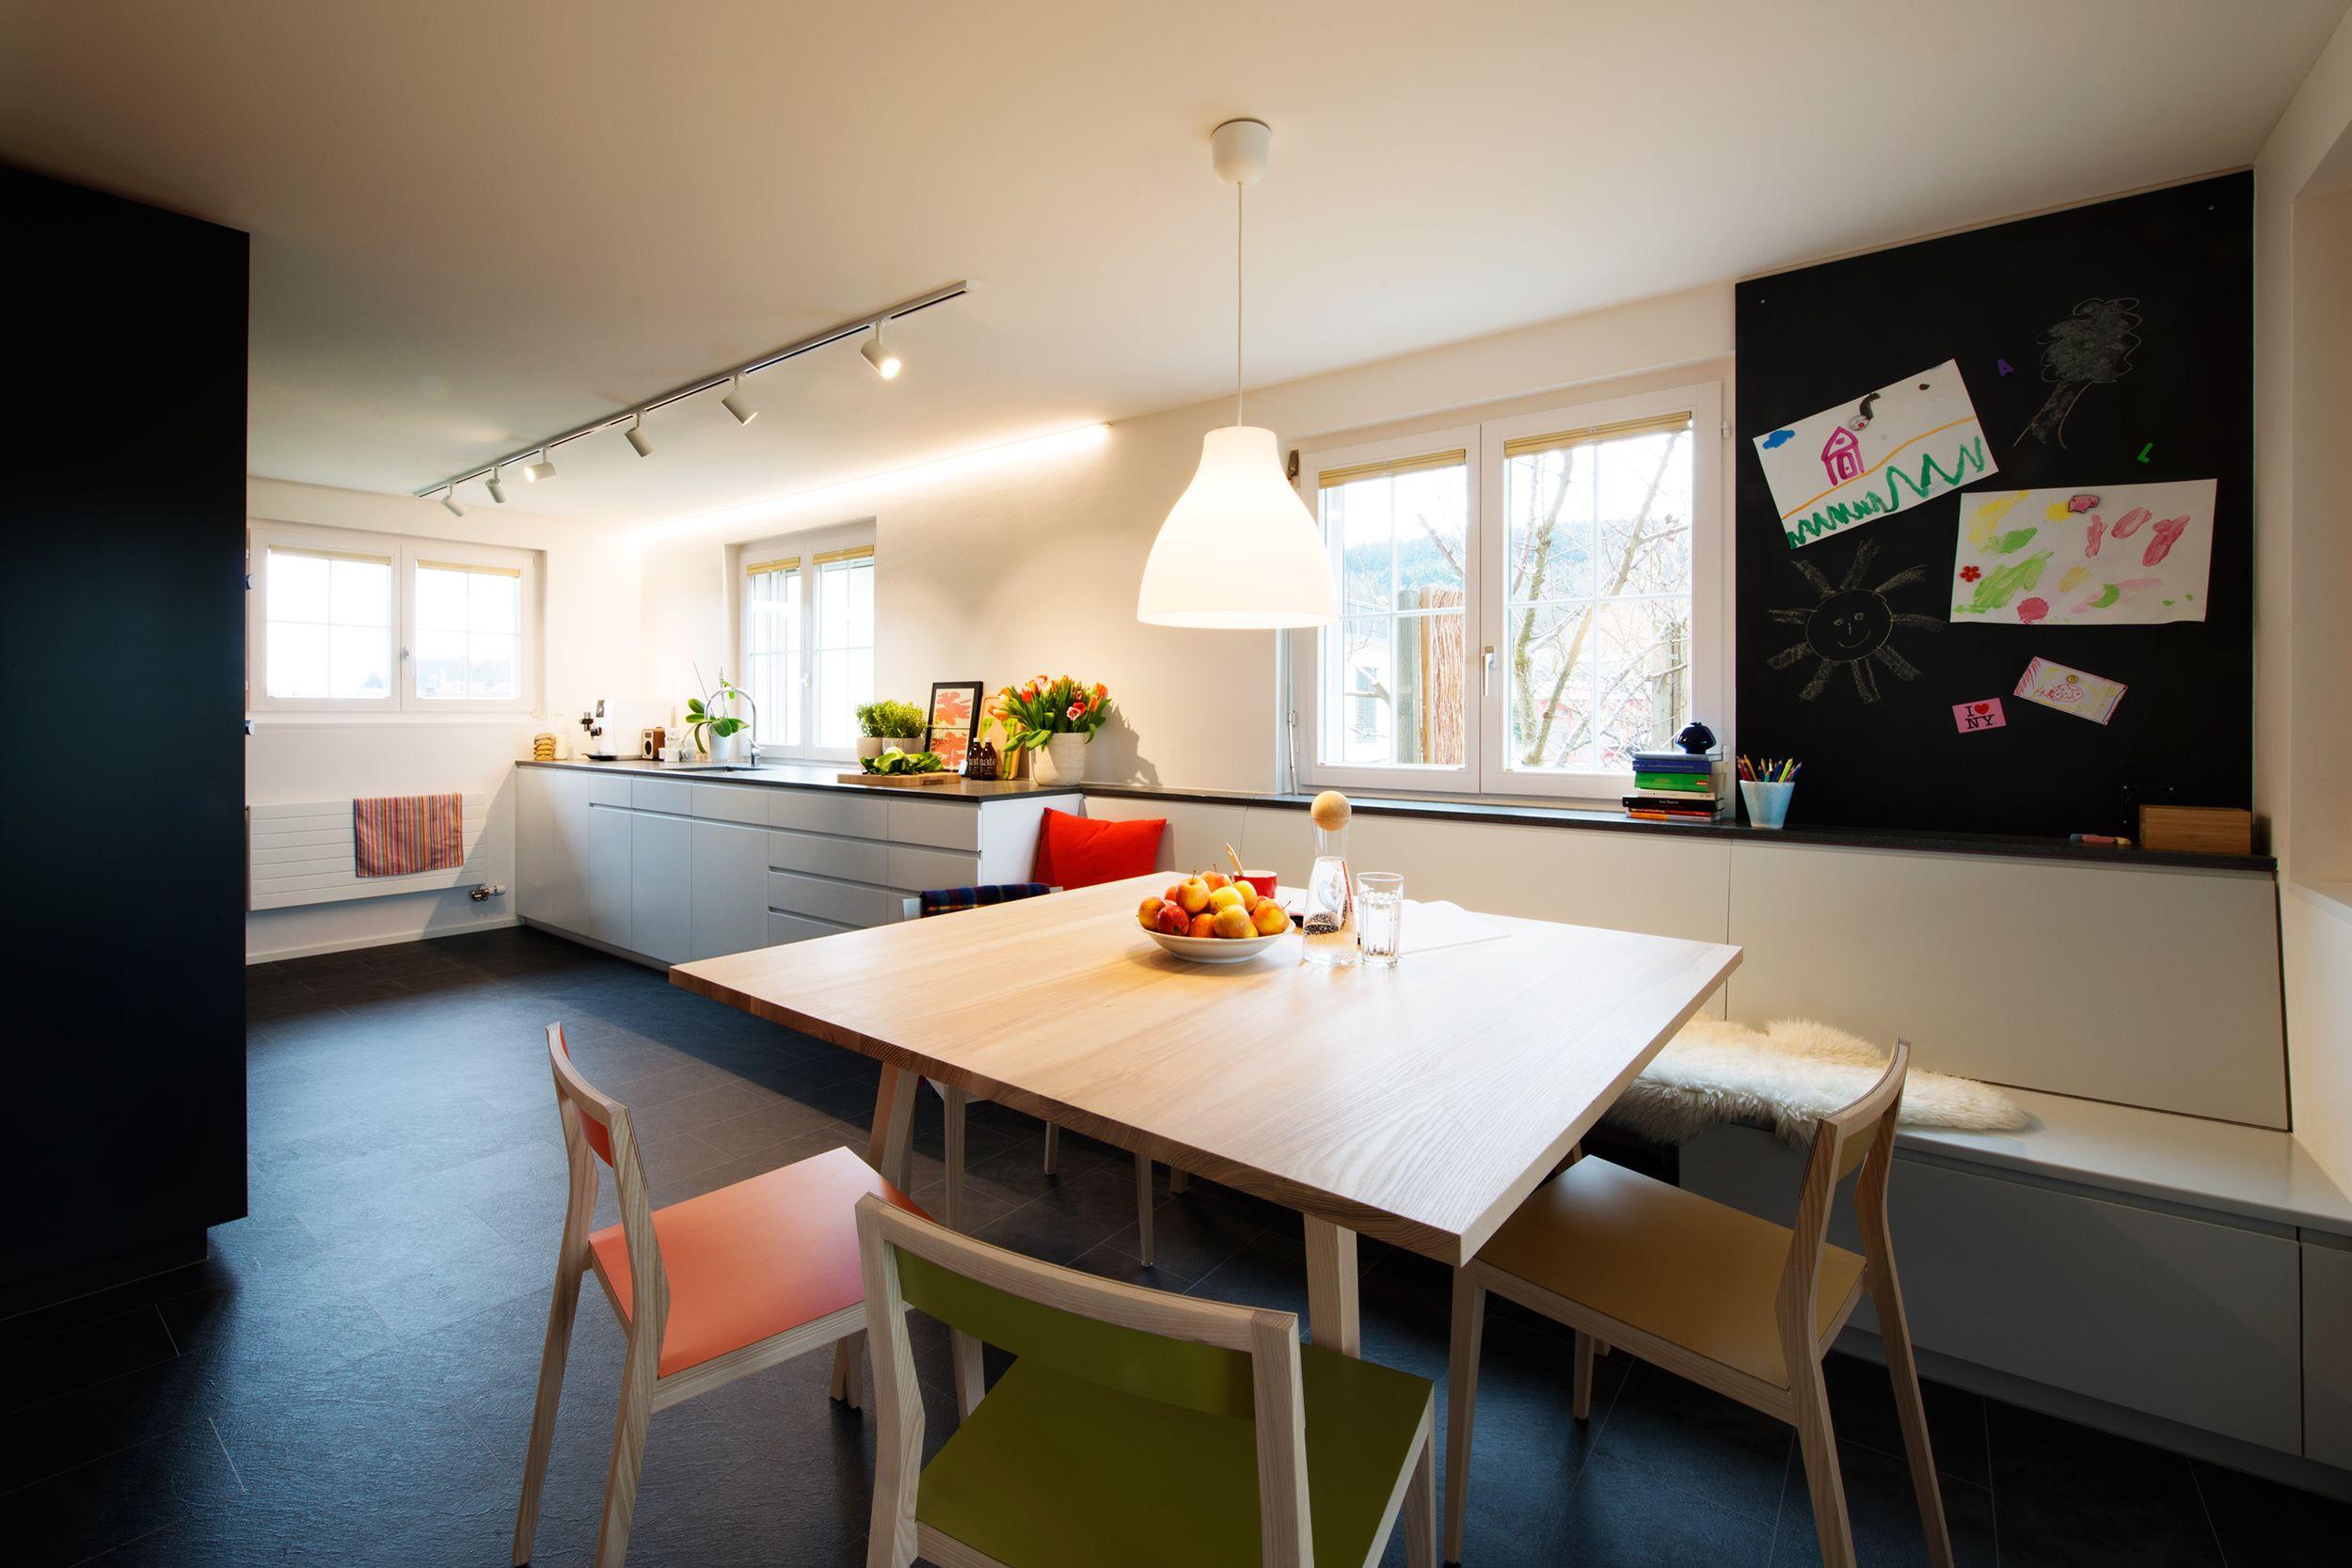 Familienküche Agosti Meier AG, mit Tische aus Esche matt lackiert ...